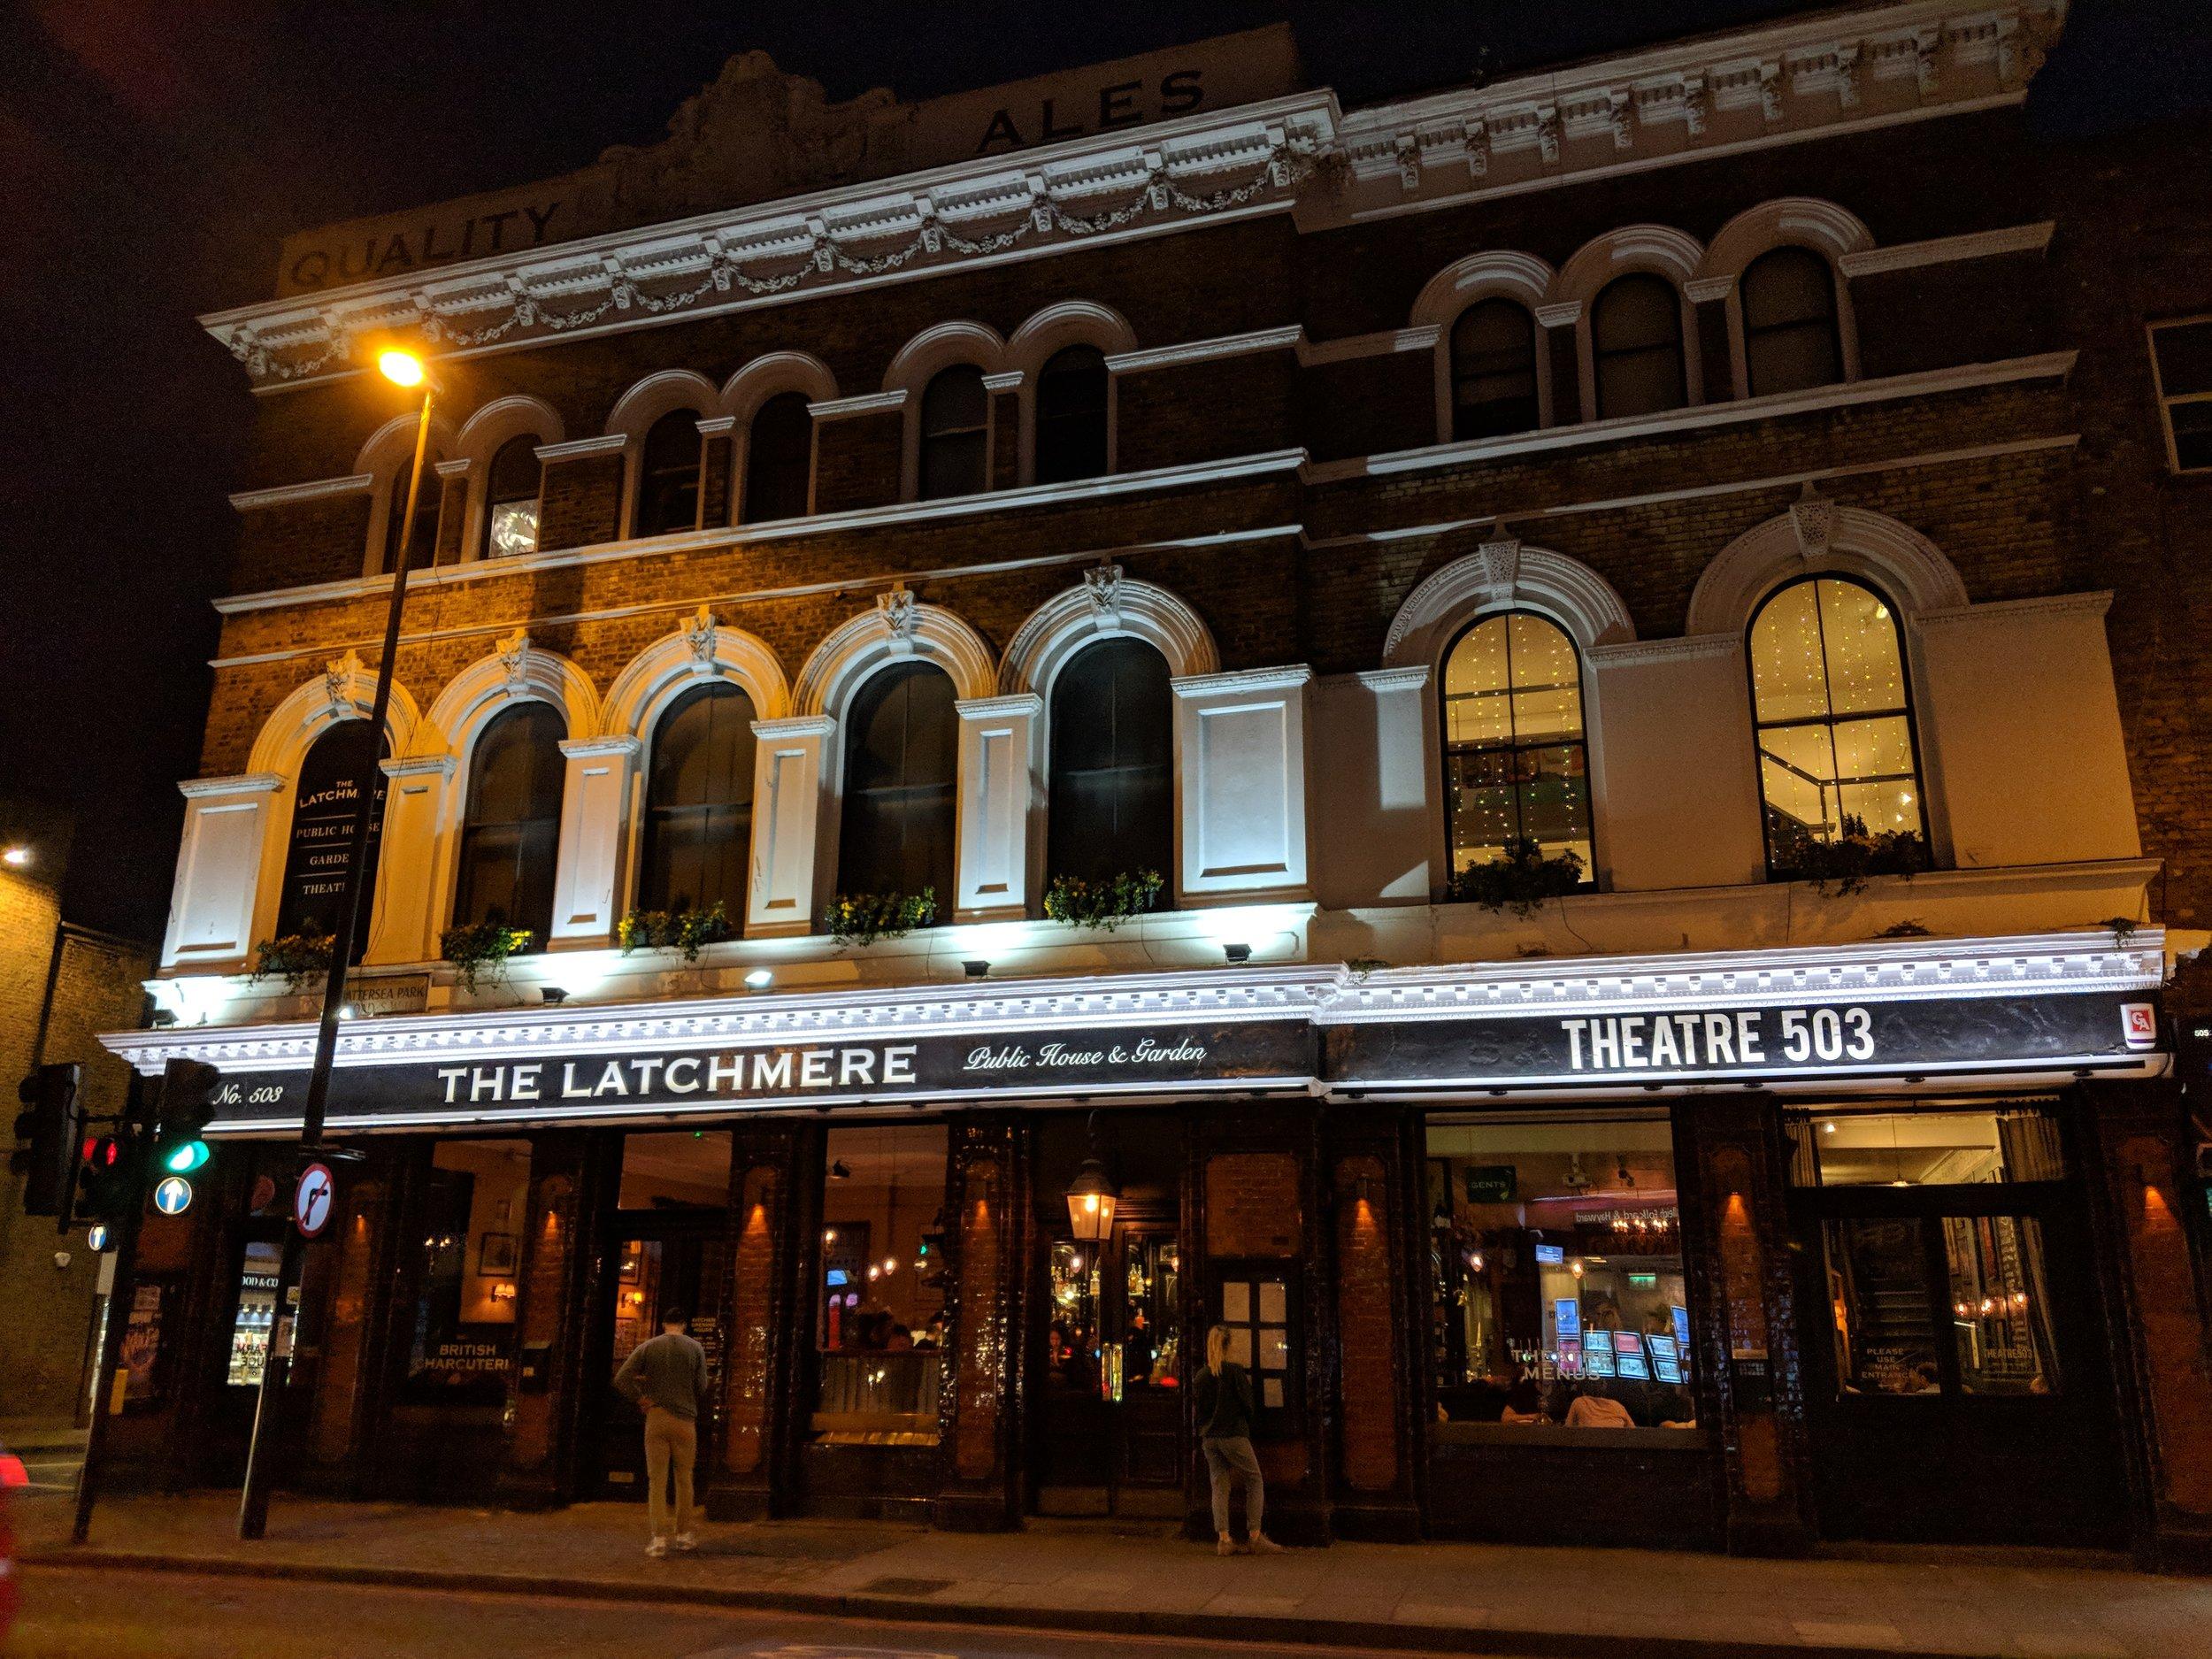 Theatre503 - visited 30/03/2019